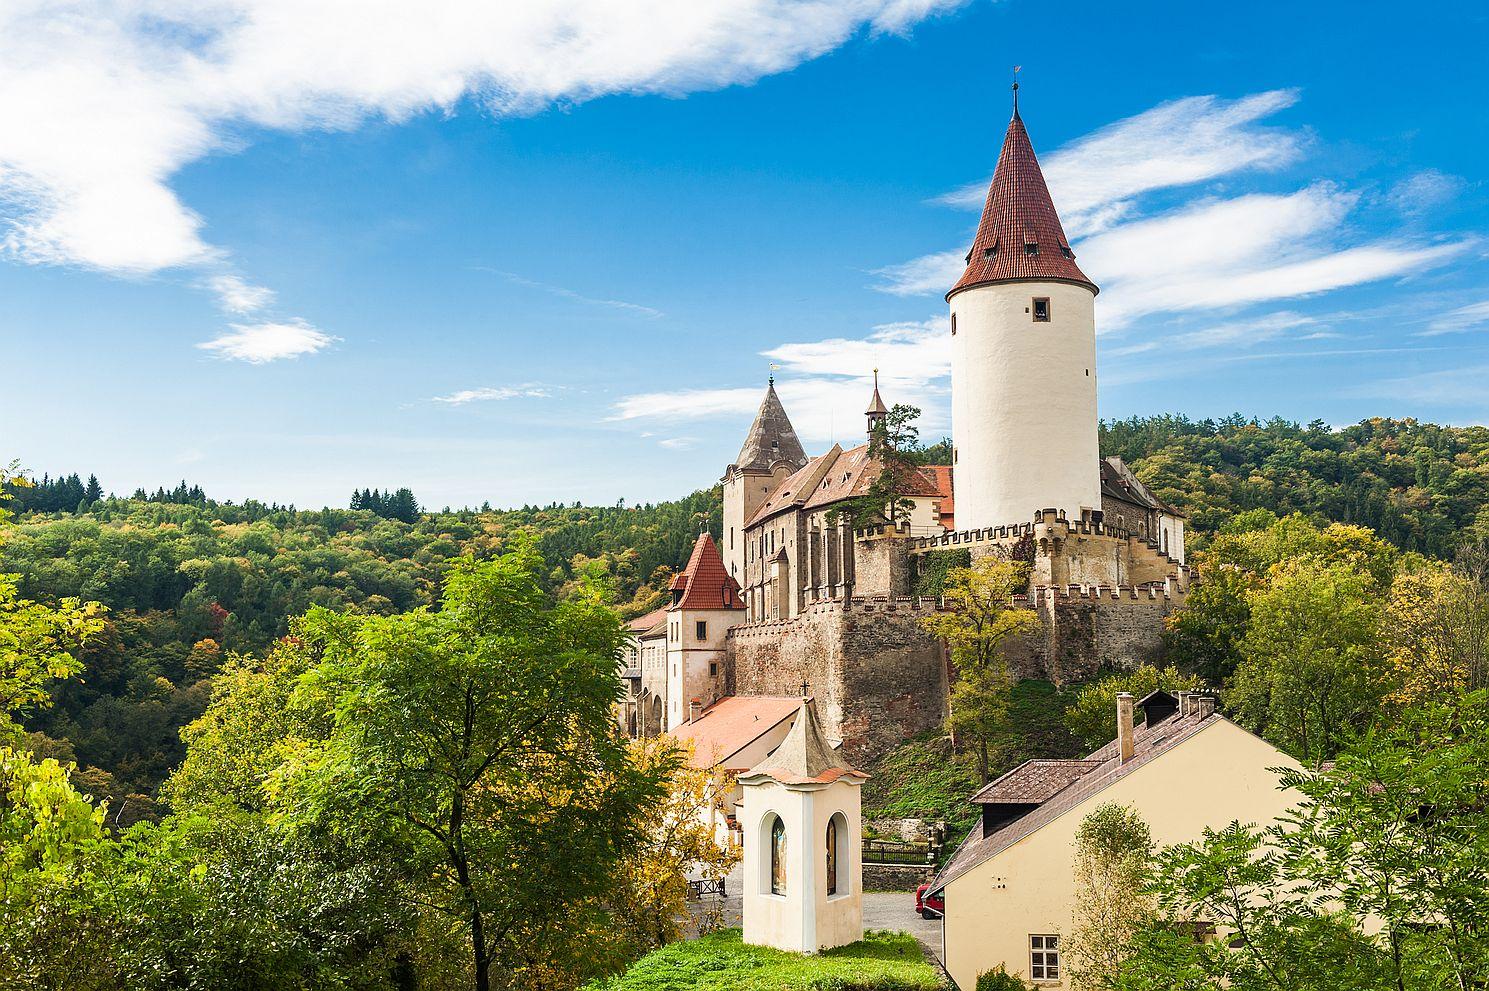 Zmínky o tom, že hrad Křivoklát sloužil českým knížatům a králům, máme už z 11. století.